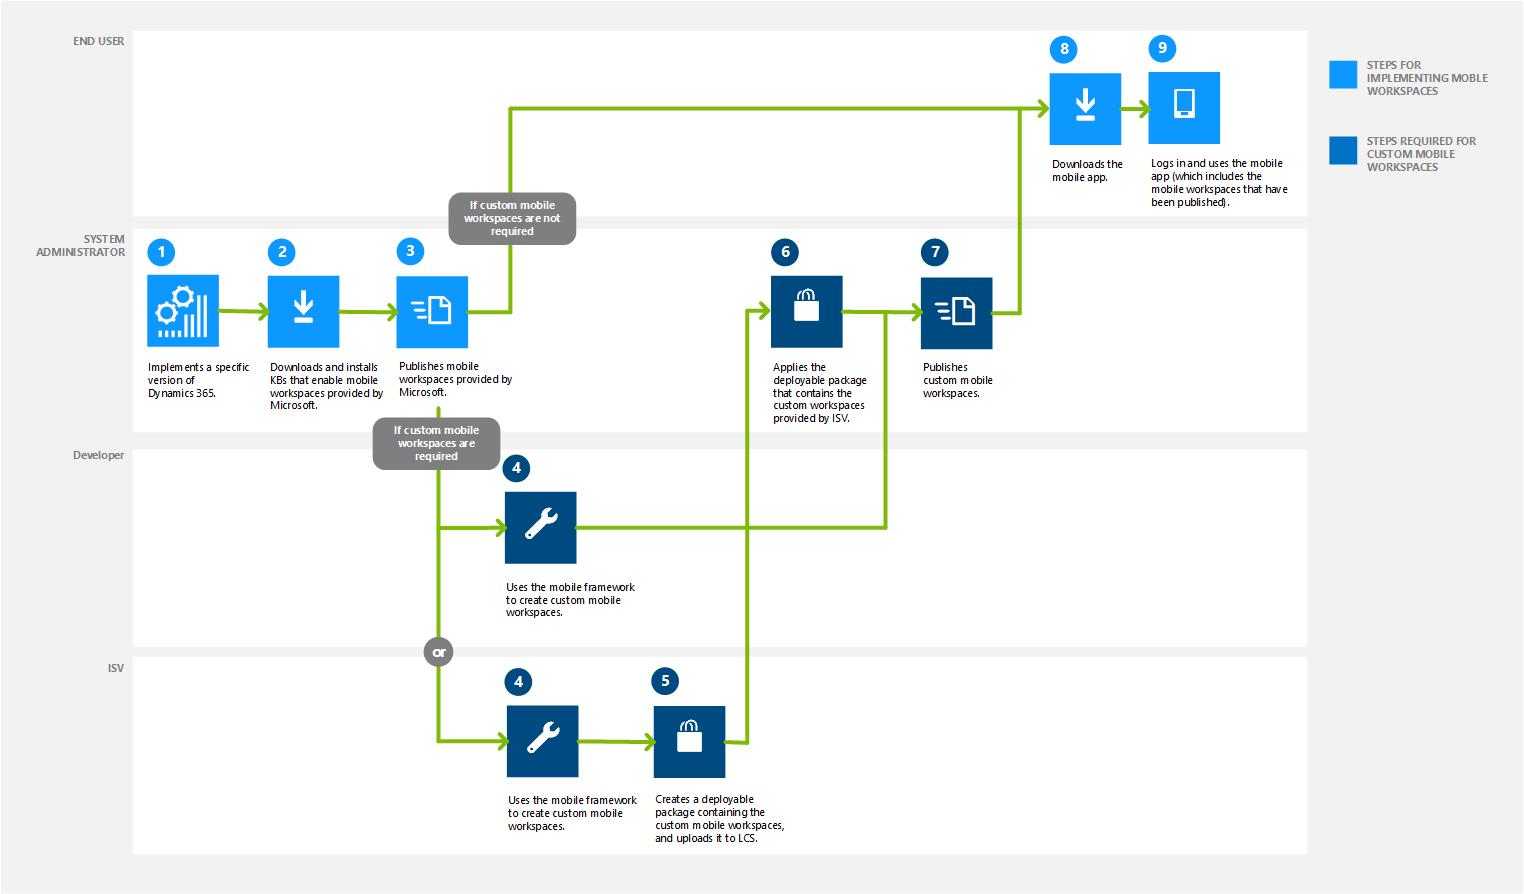 Fein Designvorlage Für Mobile Apps Bilder - Entry Level Resume ...